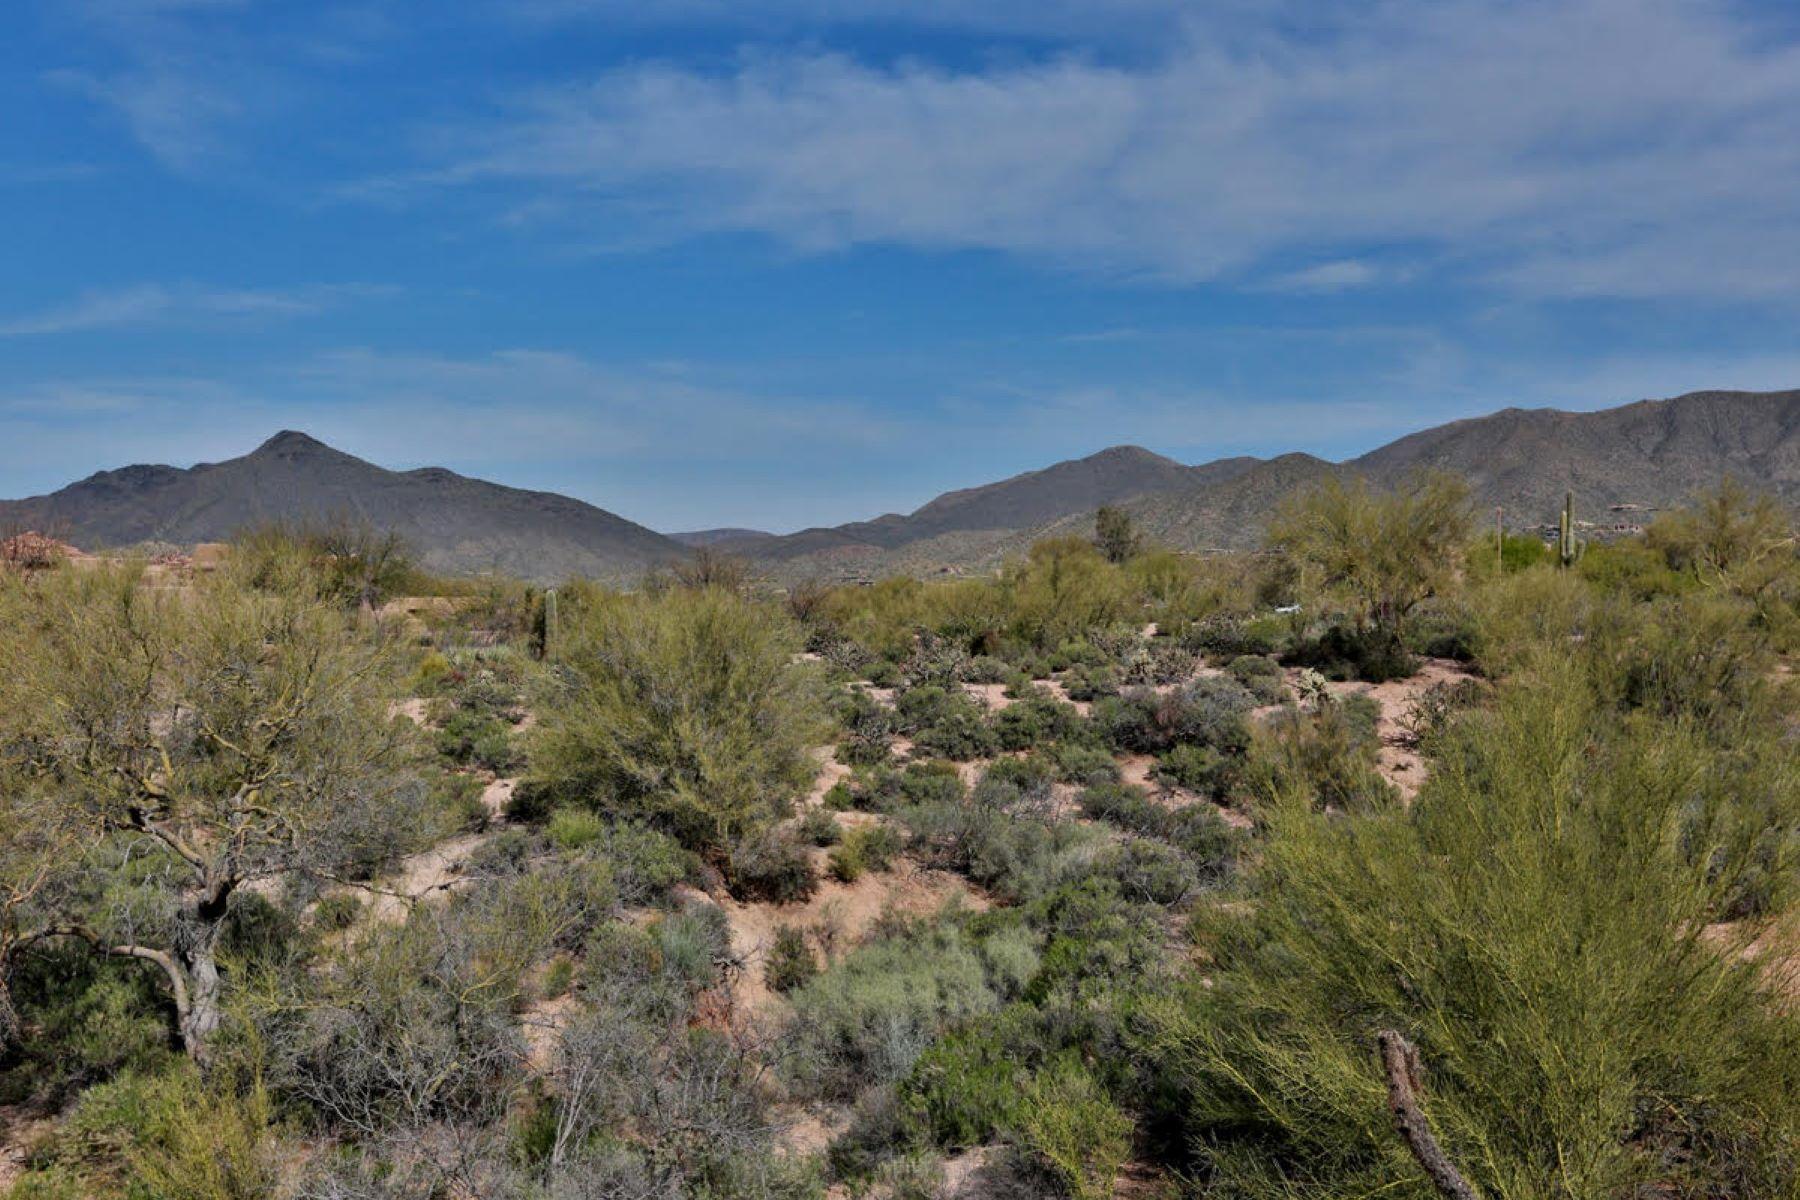 أراضي للـ Sale في Lot centrally located village of Mountain Skyline in Desert Mountain 39805 N 102nd St #98, Scottsdale, Arizona, 85262 United States